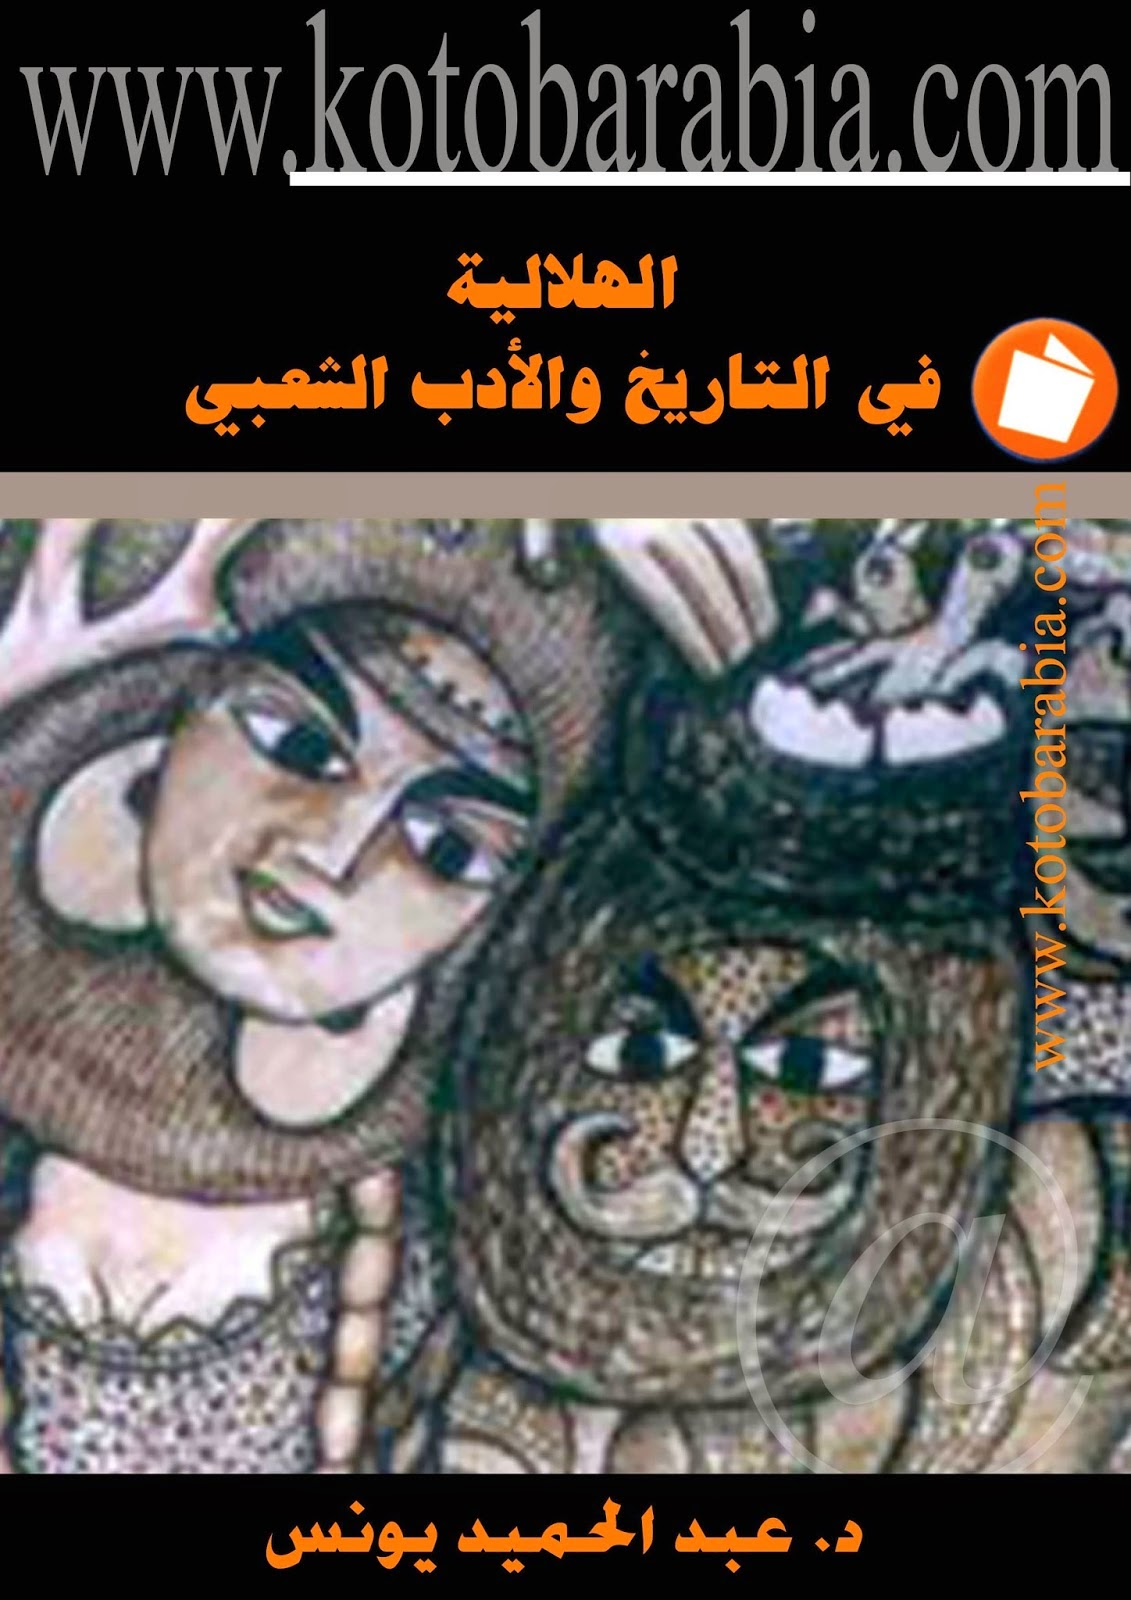 الهلالية في التاريخ والادب الشعبي لـ الدكتور عبد الحميد يونس